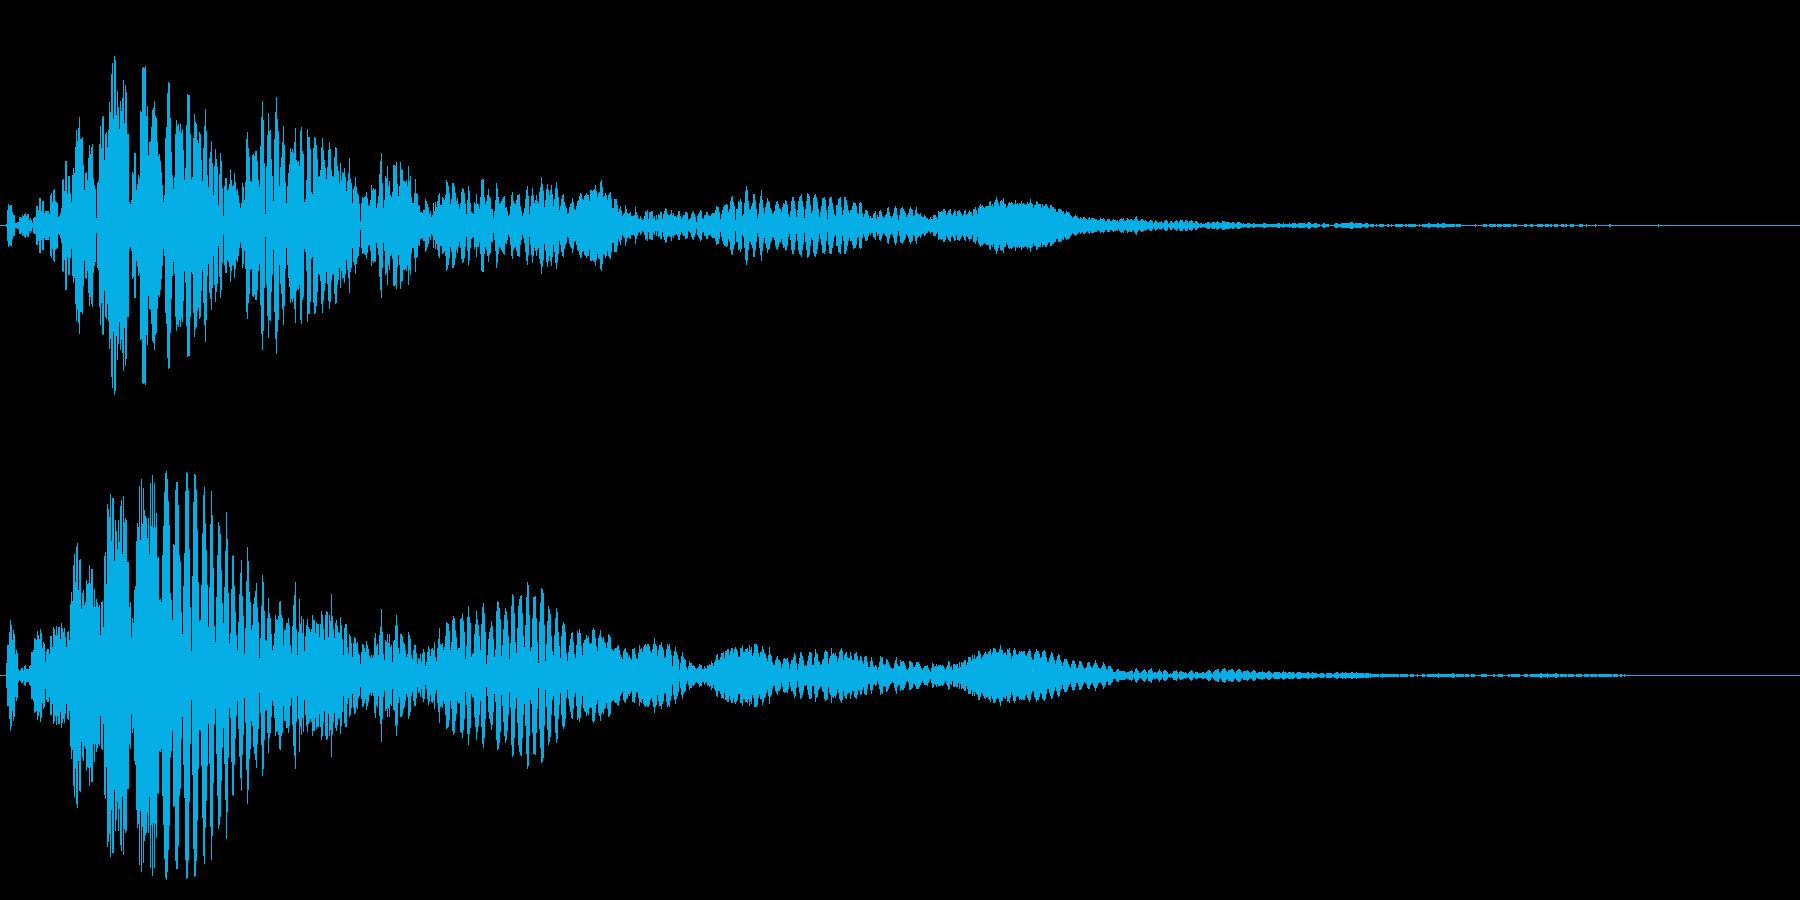 2つの音から成る落ち着いたトーンの効果音の再生済みの波形